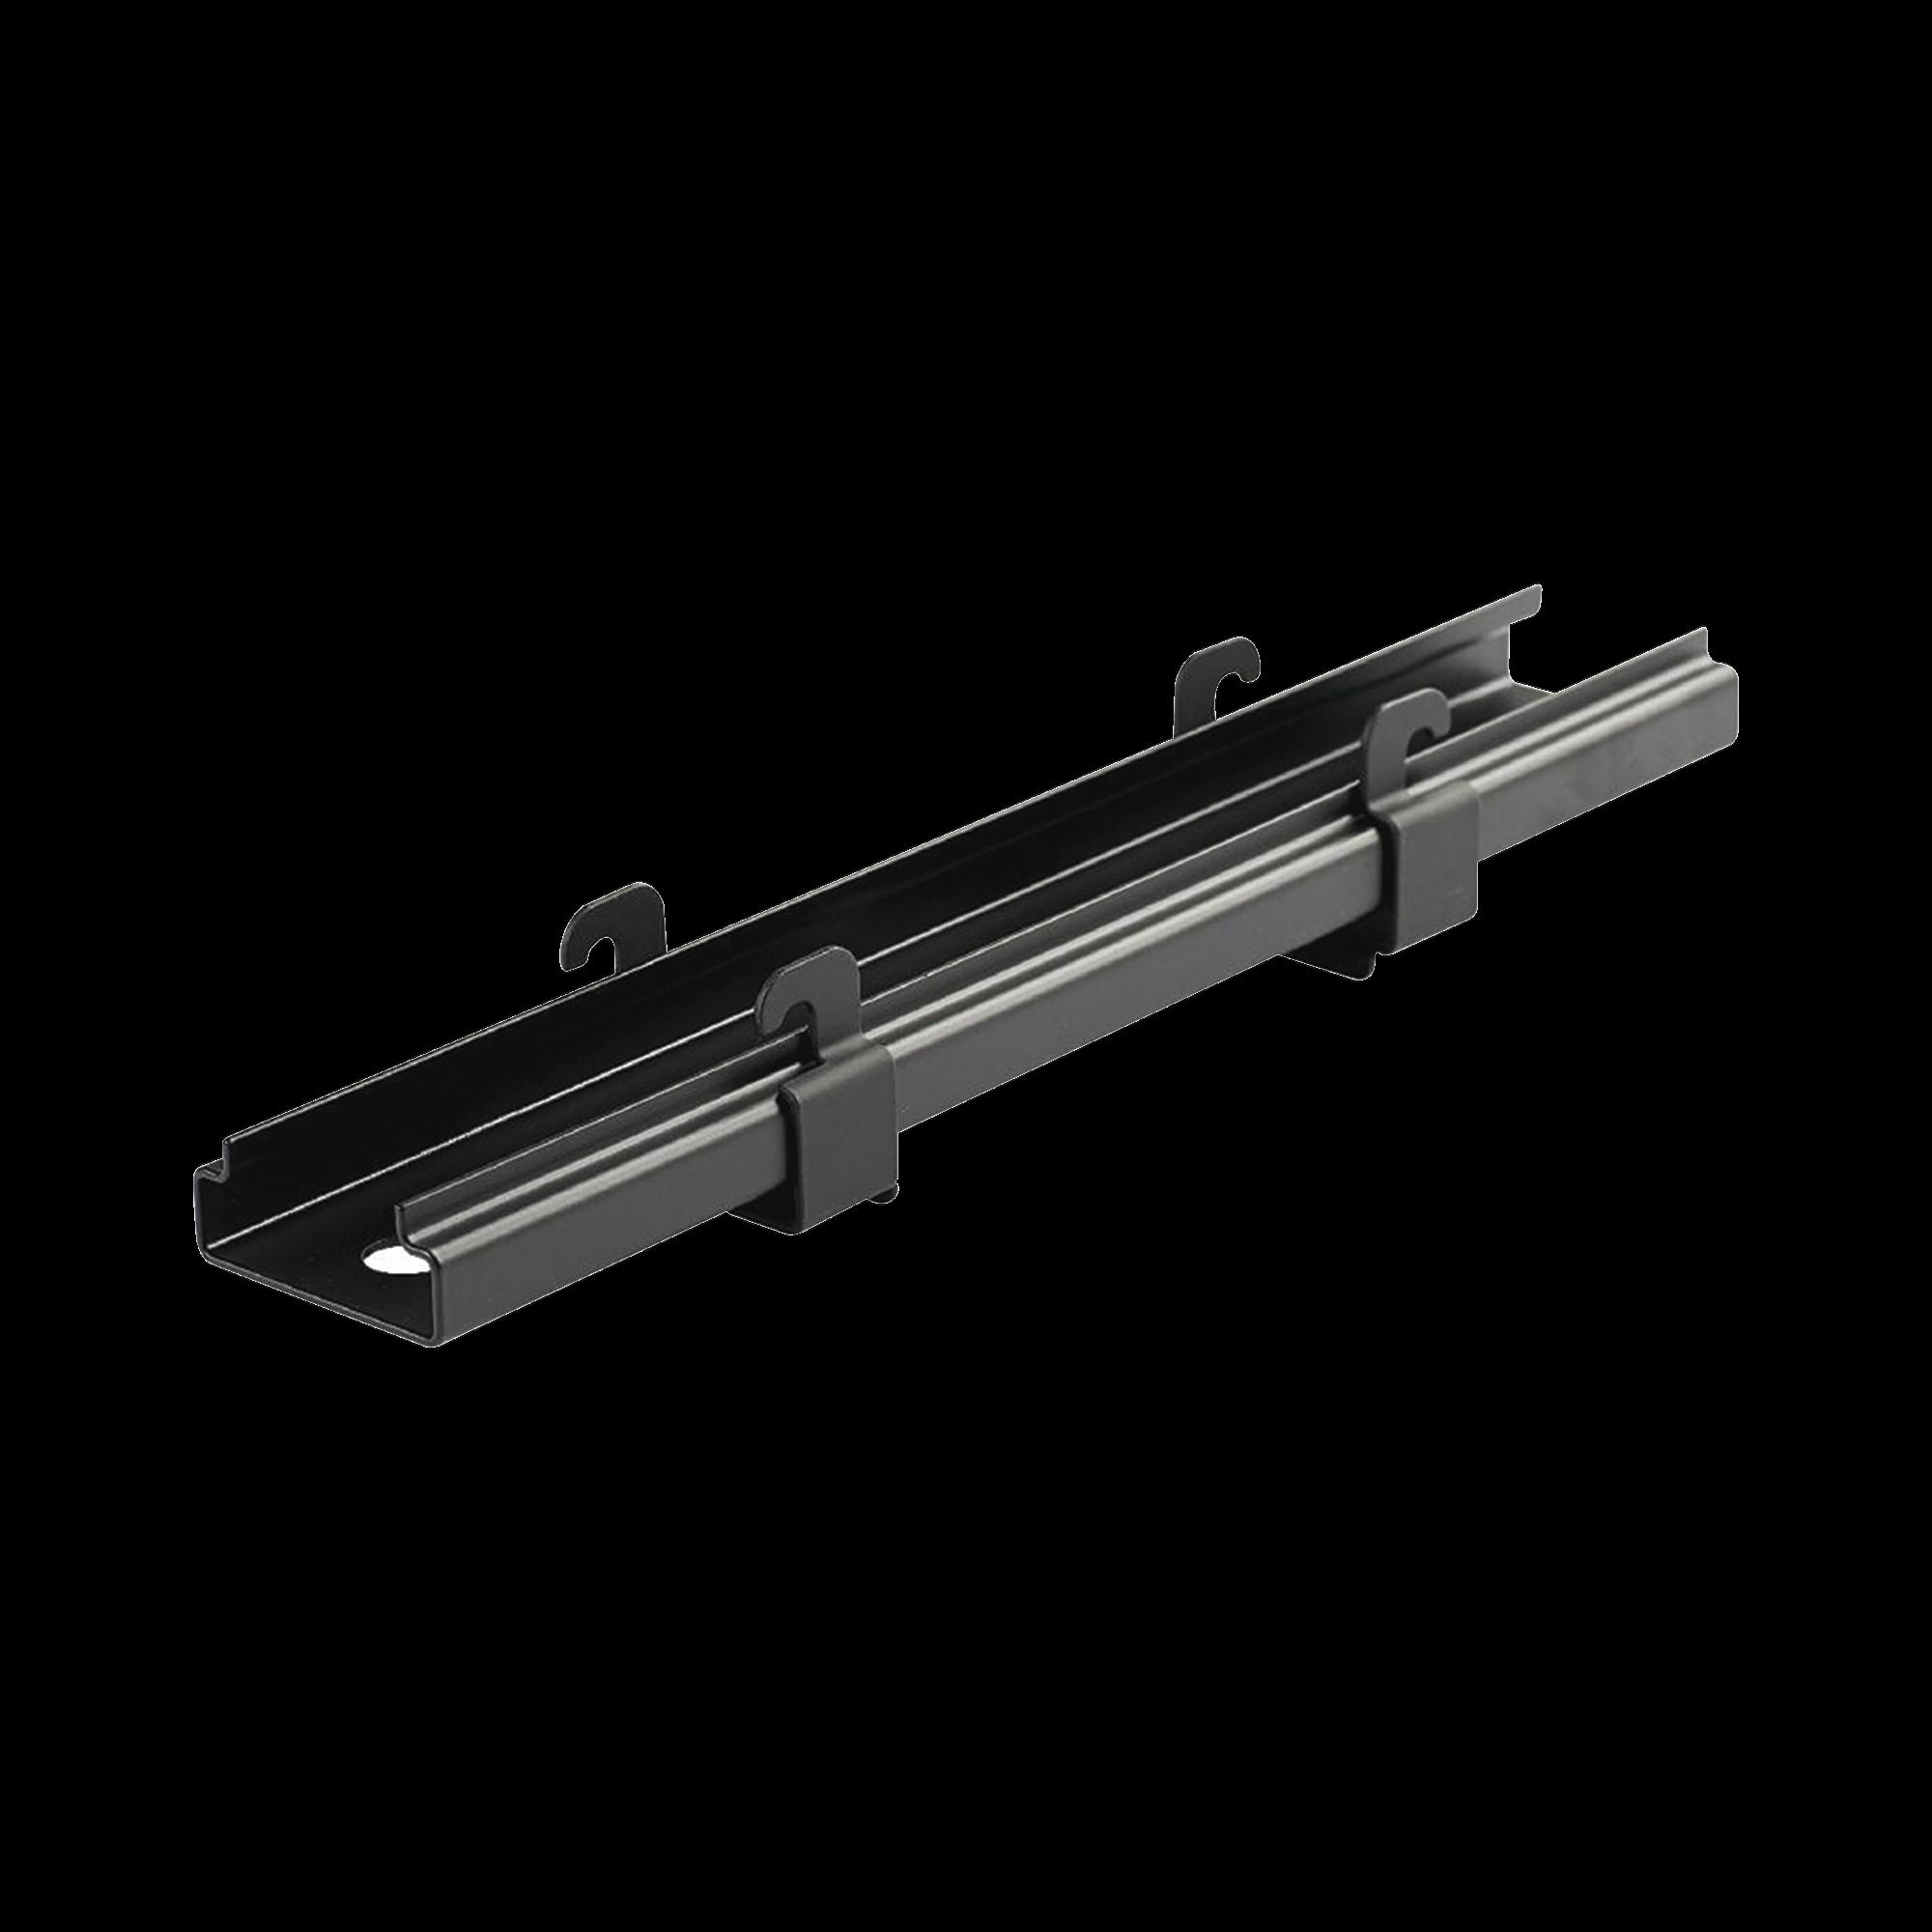 Soporte de Montaje a Techo Tipo Trapecio, para Charolas Wyr-Grid de 8 in (203.2 mm) de Ancho, Uso con Varilla Roscada de 1/2, Color Negro